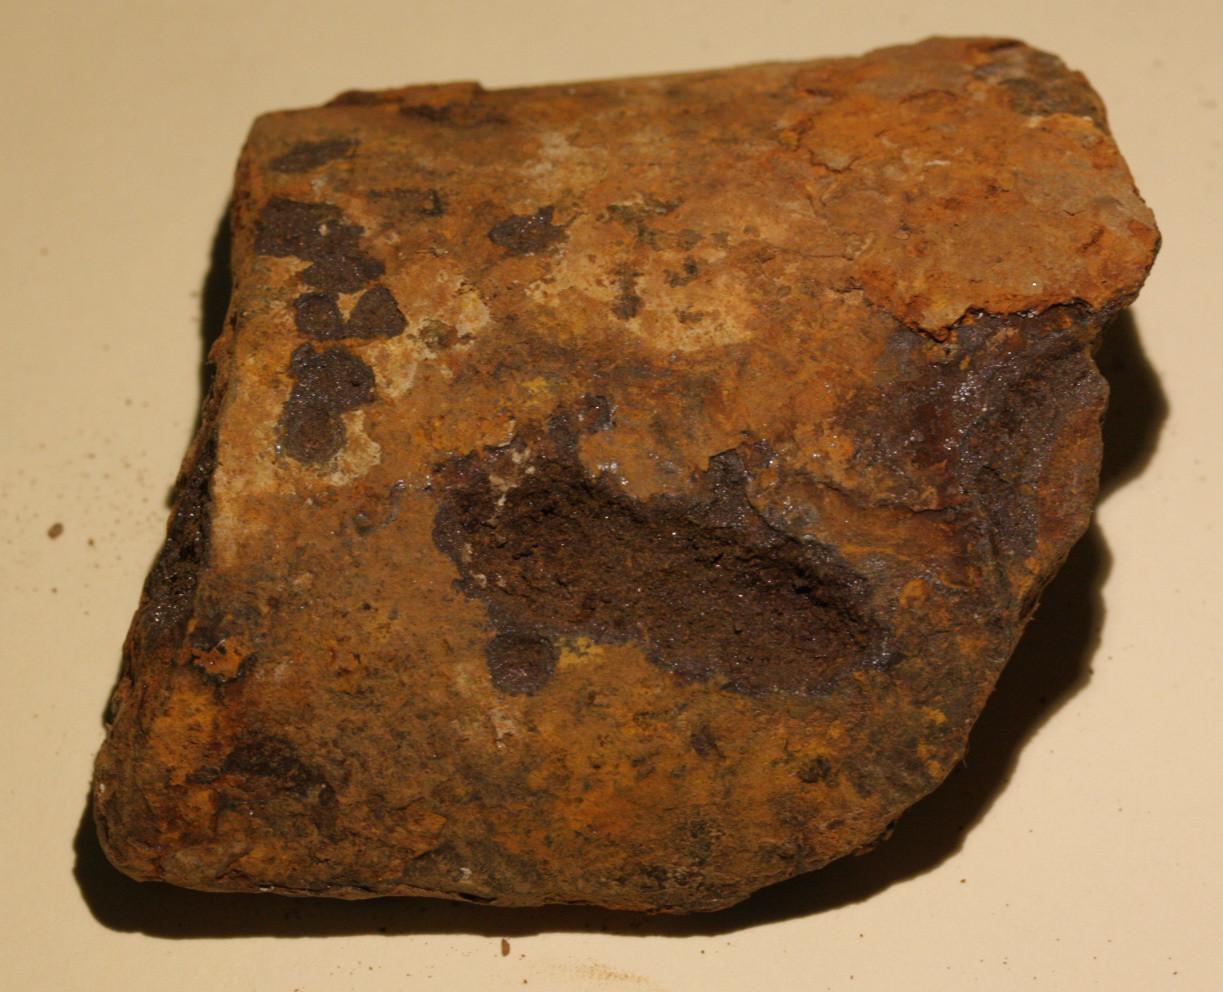 JUST ADDED ON 9/28 - GETTYSBURG - CEMETERY RIDGE / SEDGWICK MONUMENT / N.J. MONUMENT - ROSENSTEEL FAMILY - Large Artillery Shell Fragment